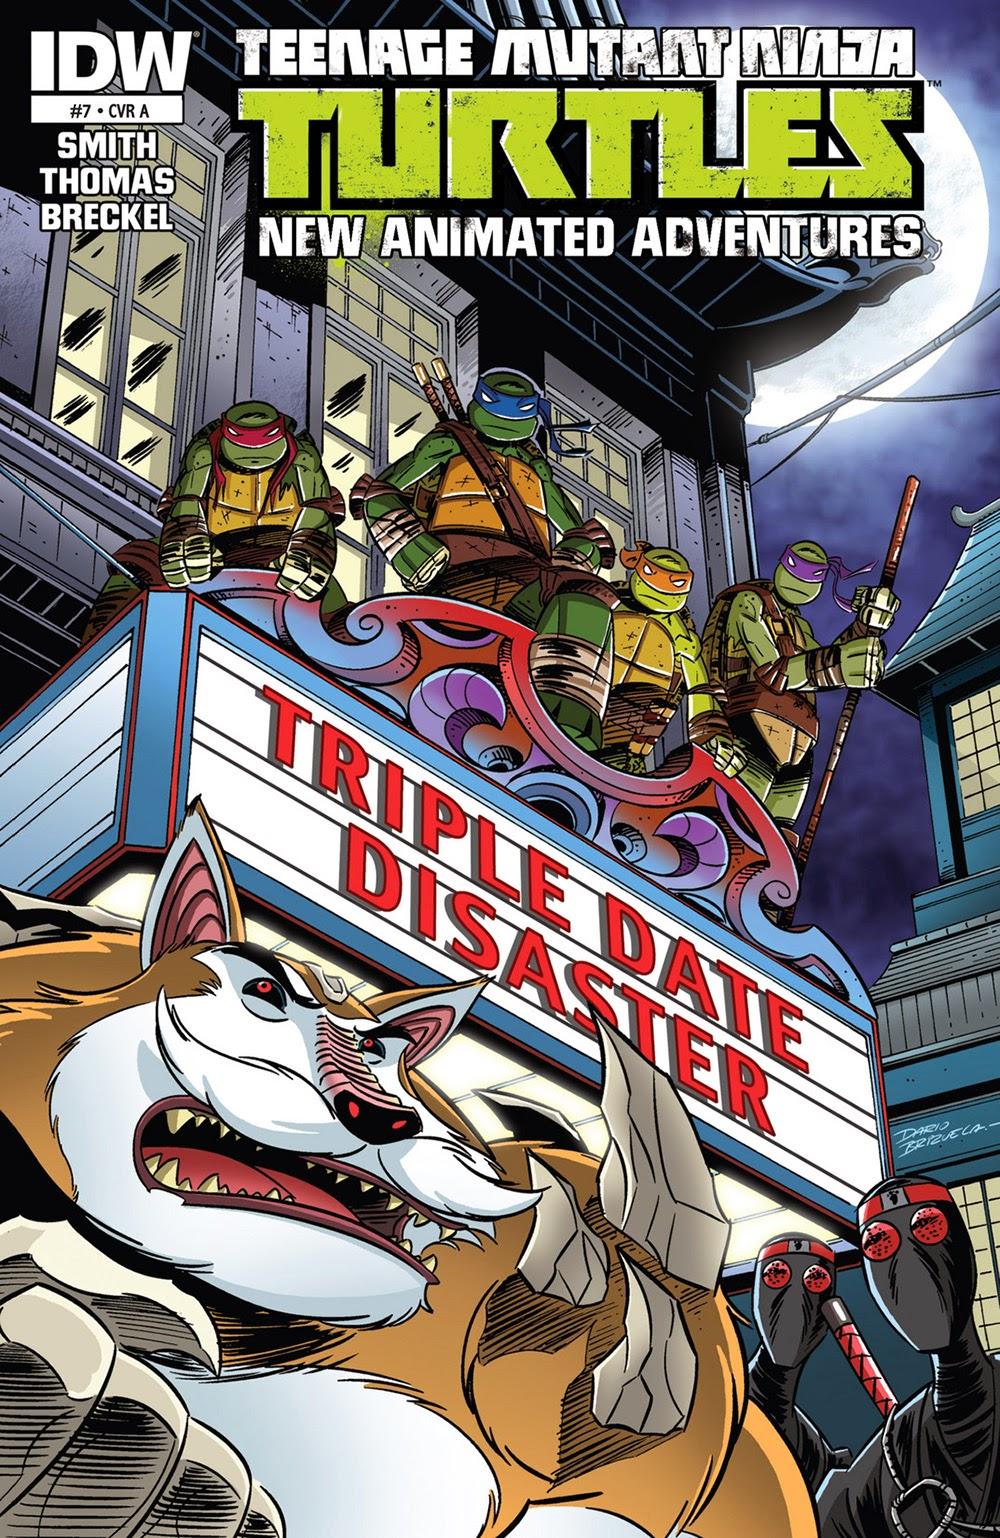 teenage mutant ninja turtles u2013 new animated adventures 007 2014